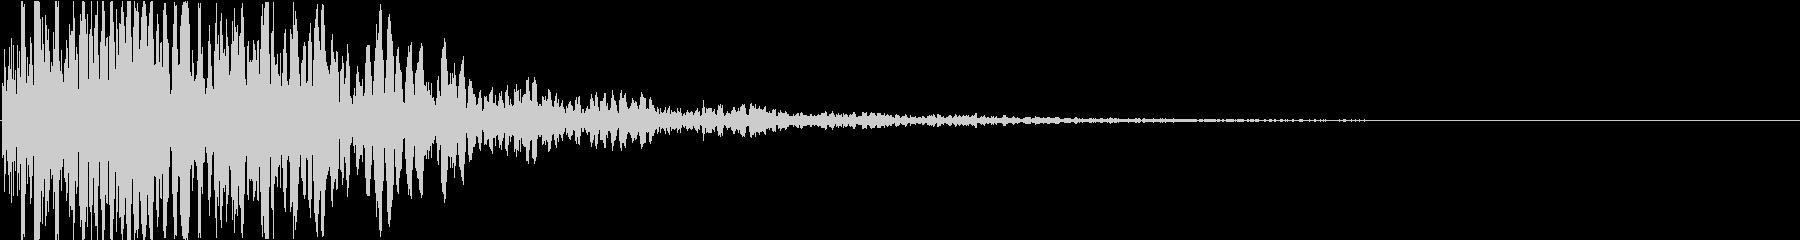 巨大な足音(ドシン)の未再生の波形